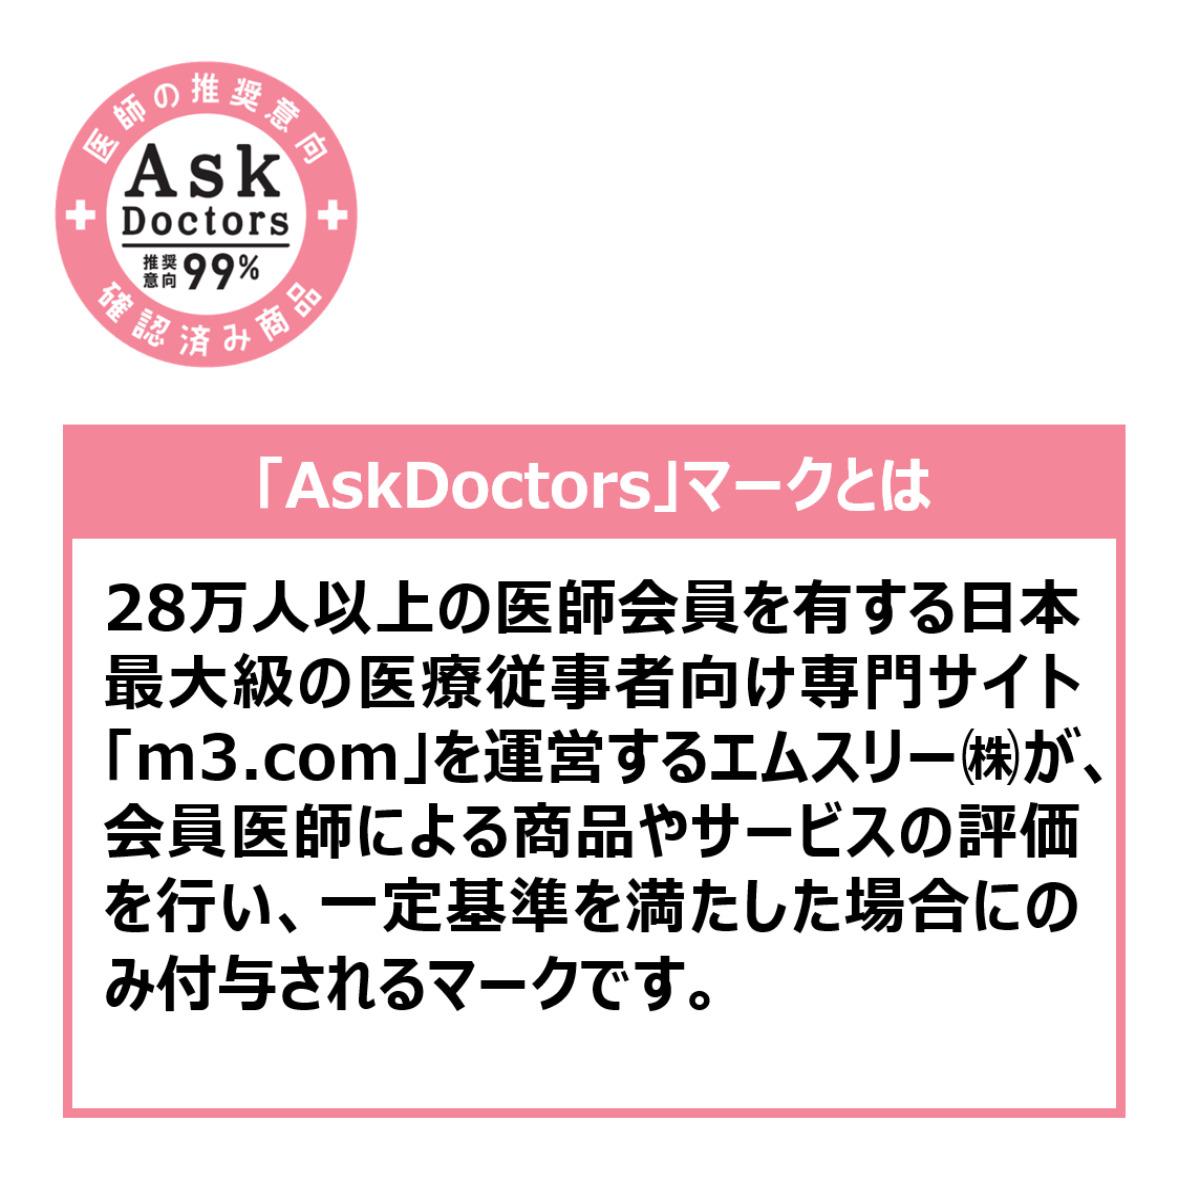 ドクター アスク